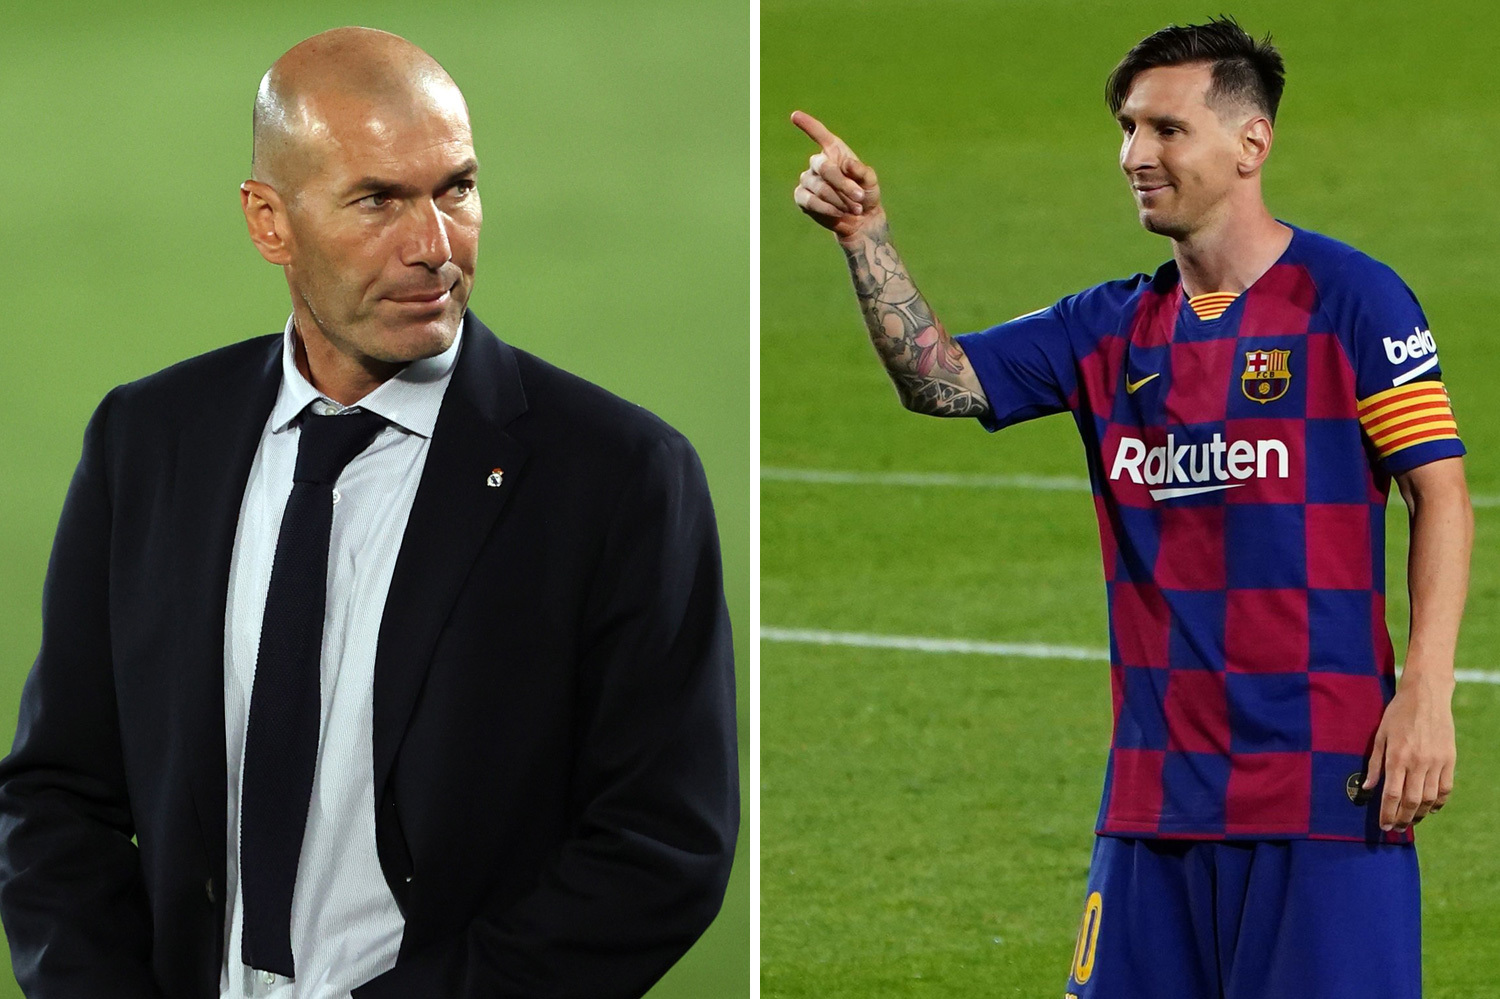 بعد تقرير عن قرب رحيله: زيدان يريد من ميسي البقاء مع برشلونة !